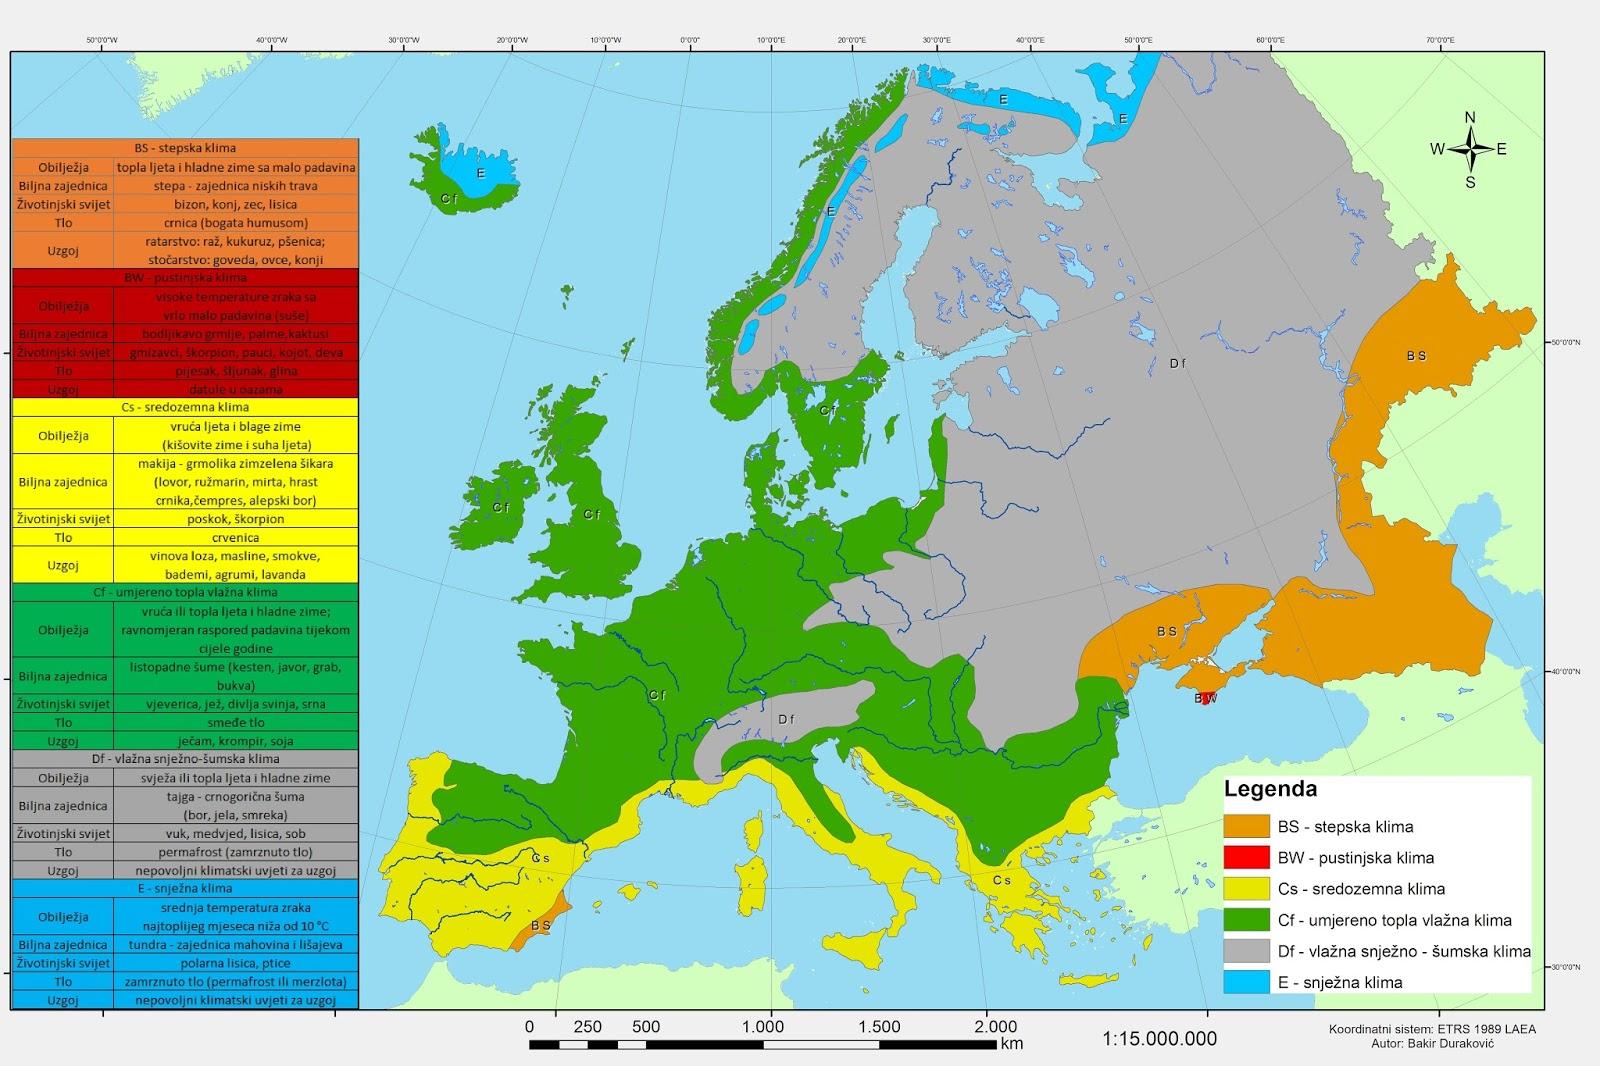 Bakir Durakovic Klimatska Klasifikacija Evrope Po Koppenu